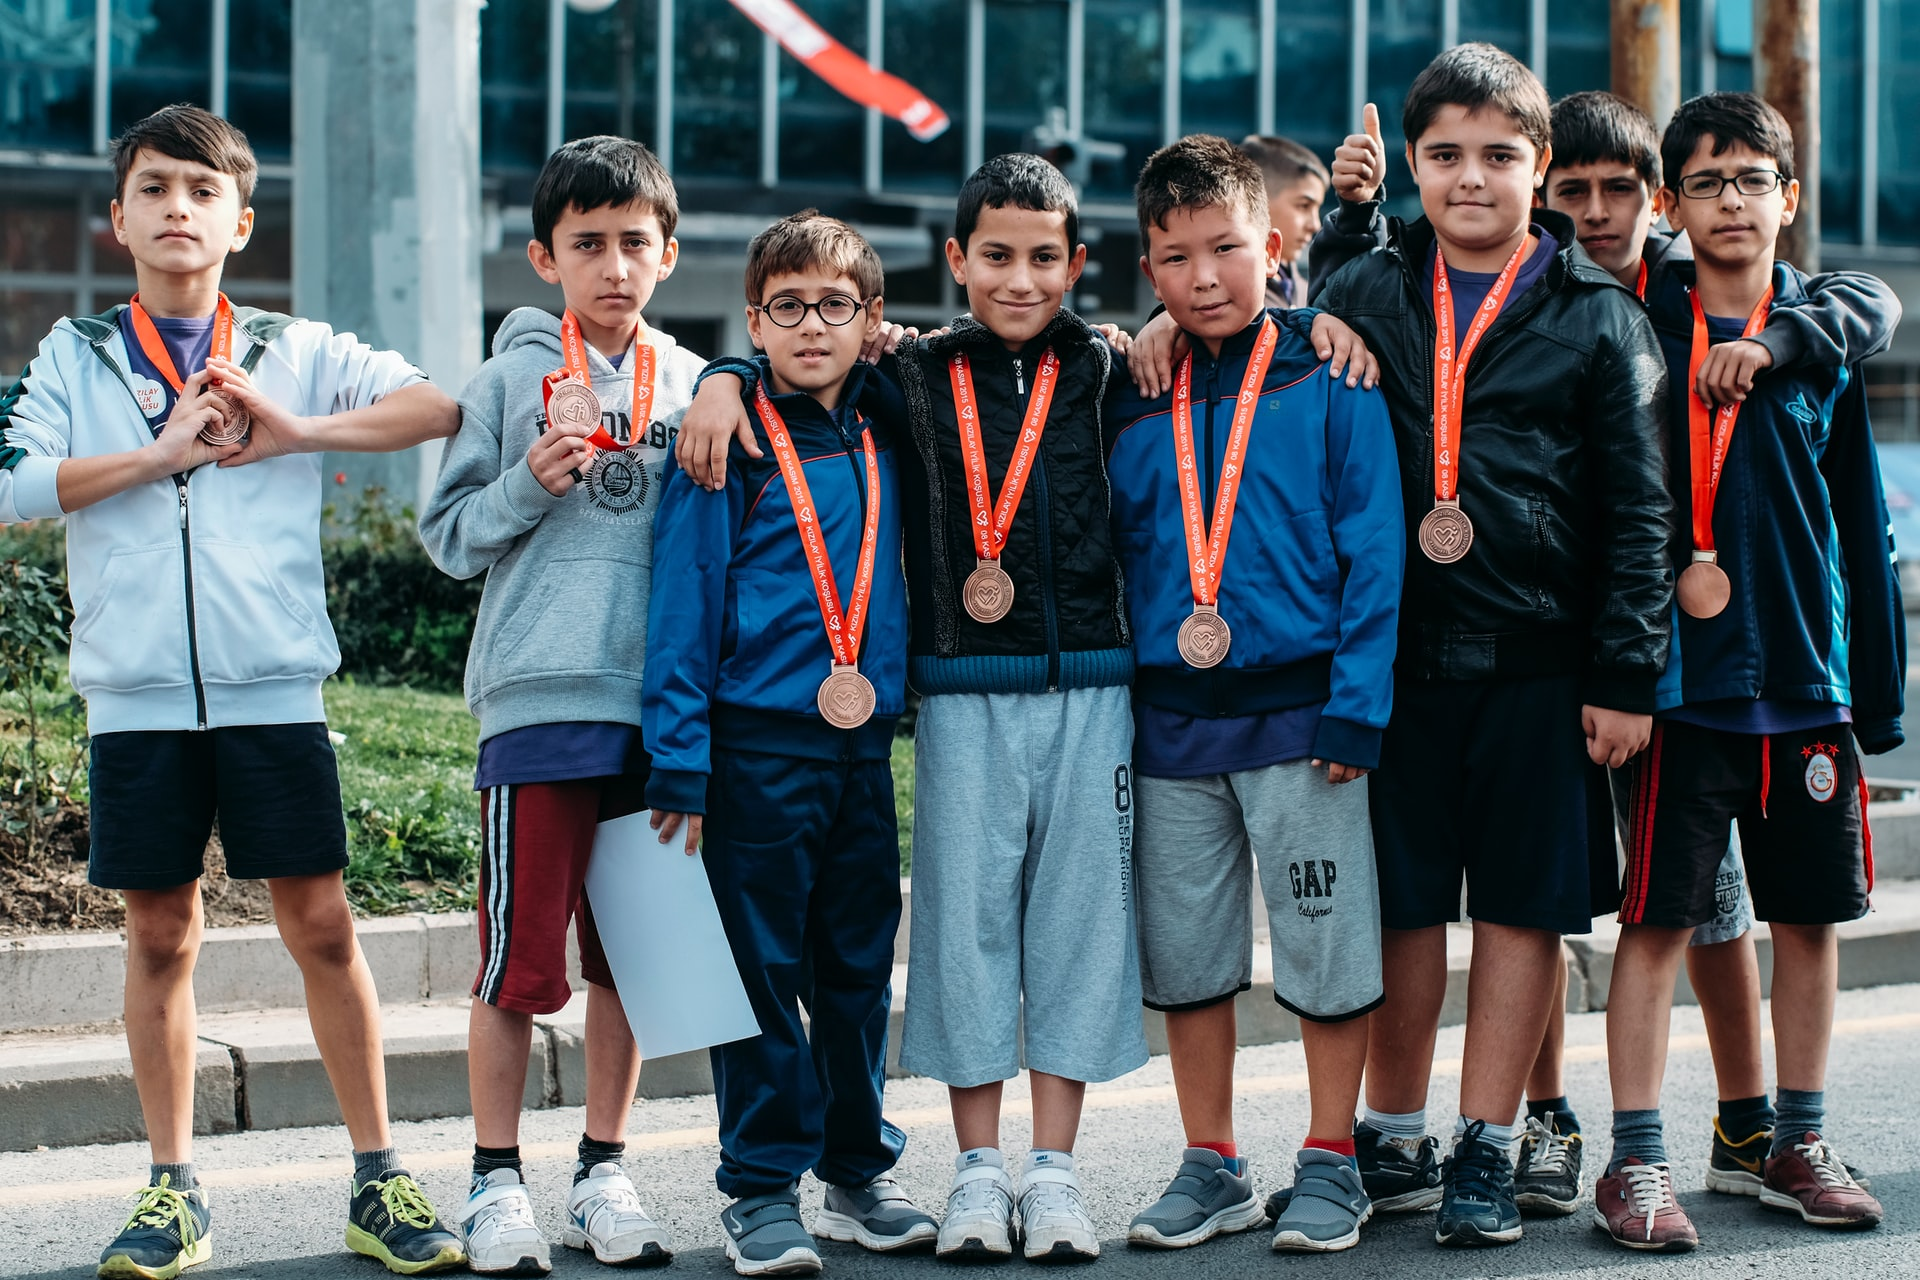 children with medals around their neck